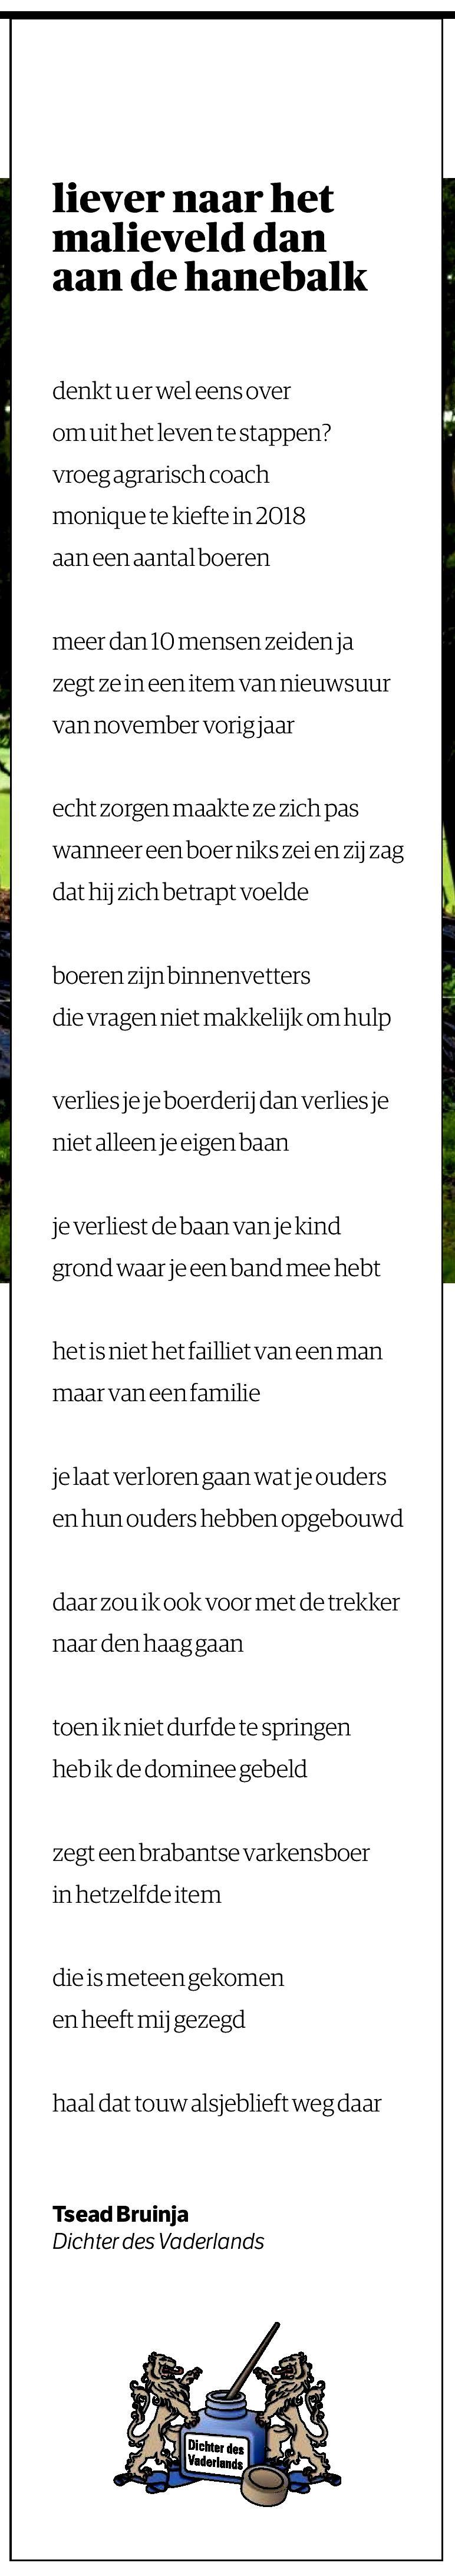 Nrc-handelsblad-20191019-102-page-001